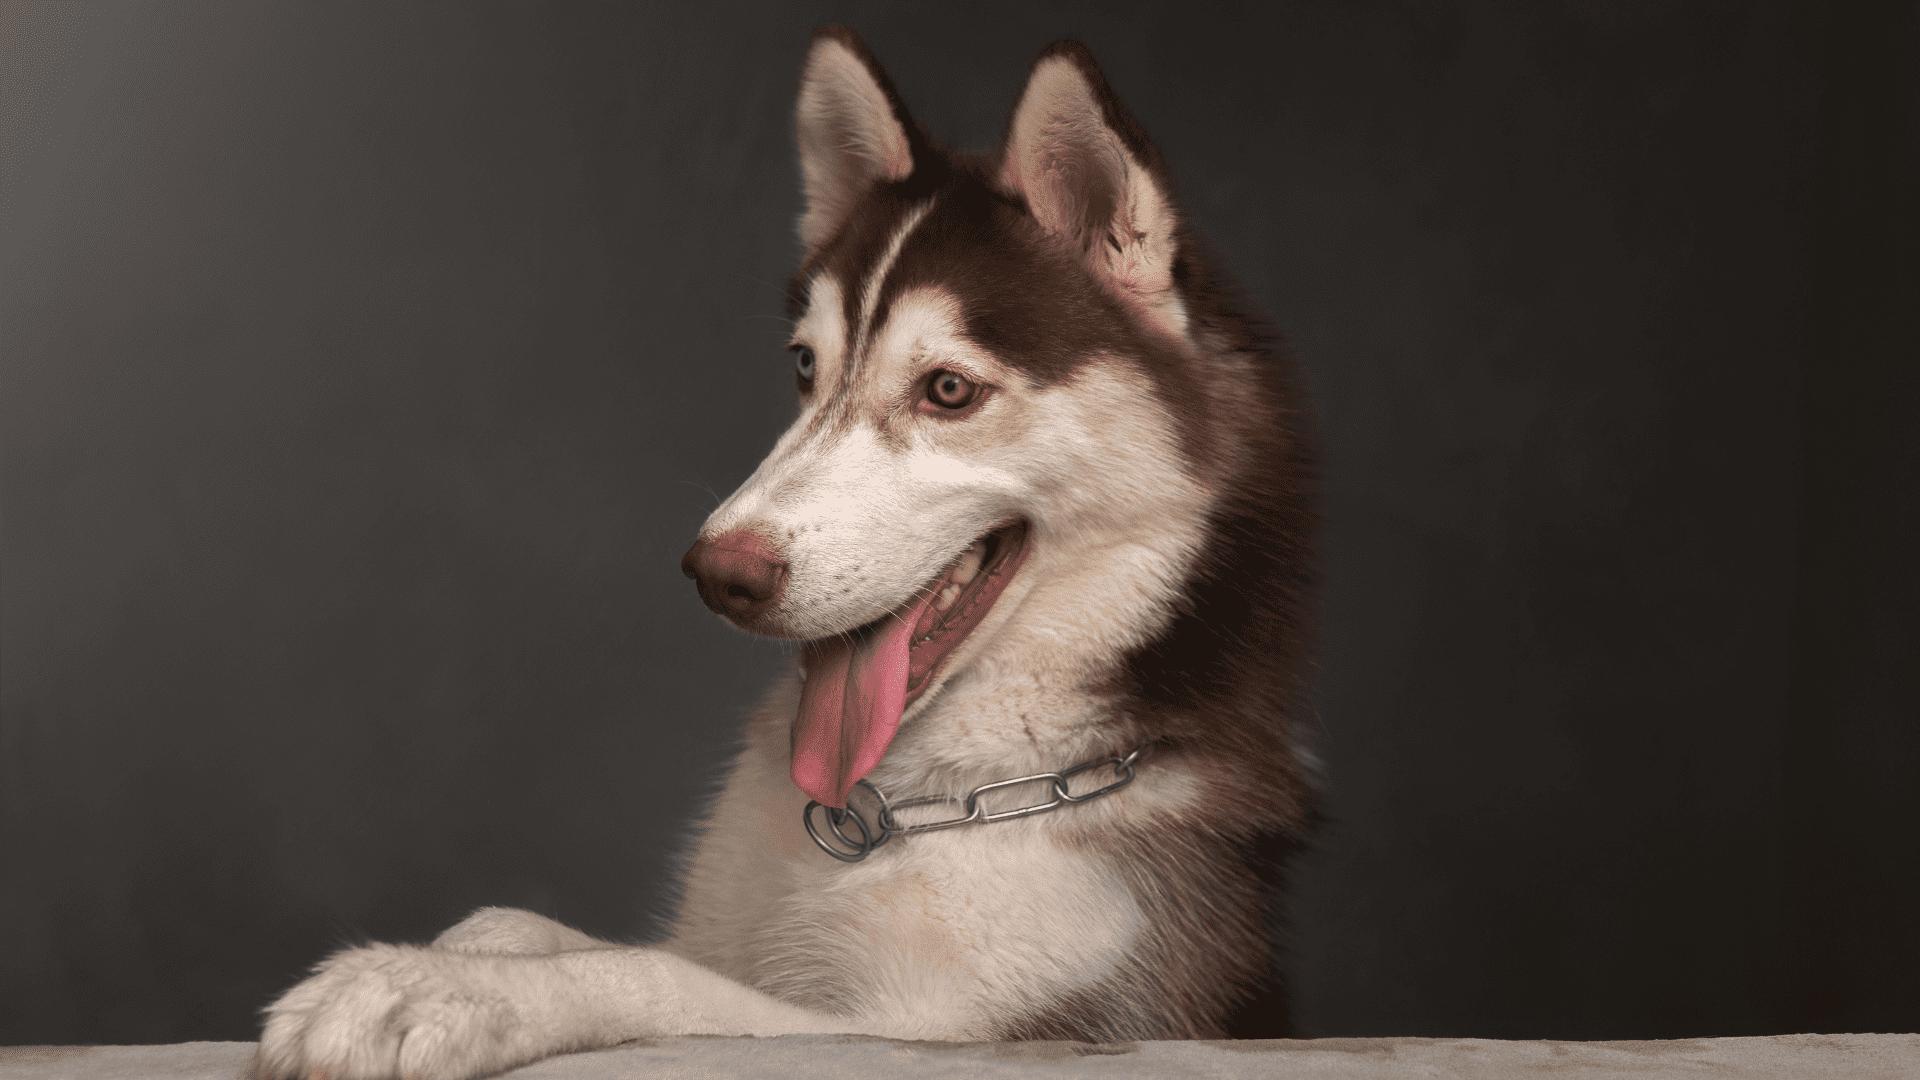 A coleira enforcador precisa de mais atenção do tutor, pois pode machucar o cachorro (Reprodução/Shutterstock)